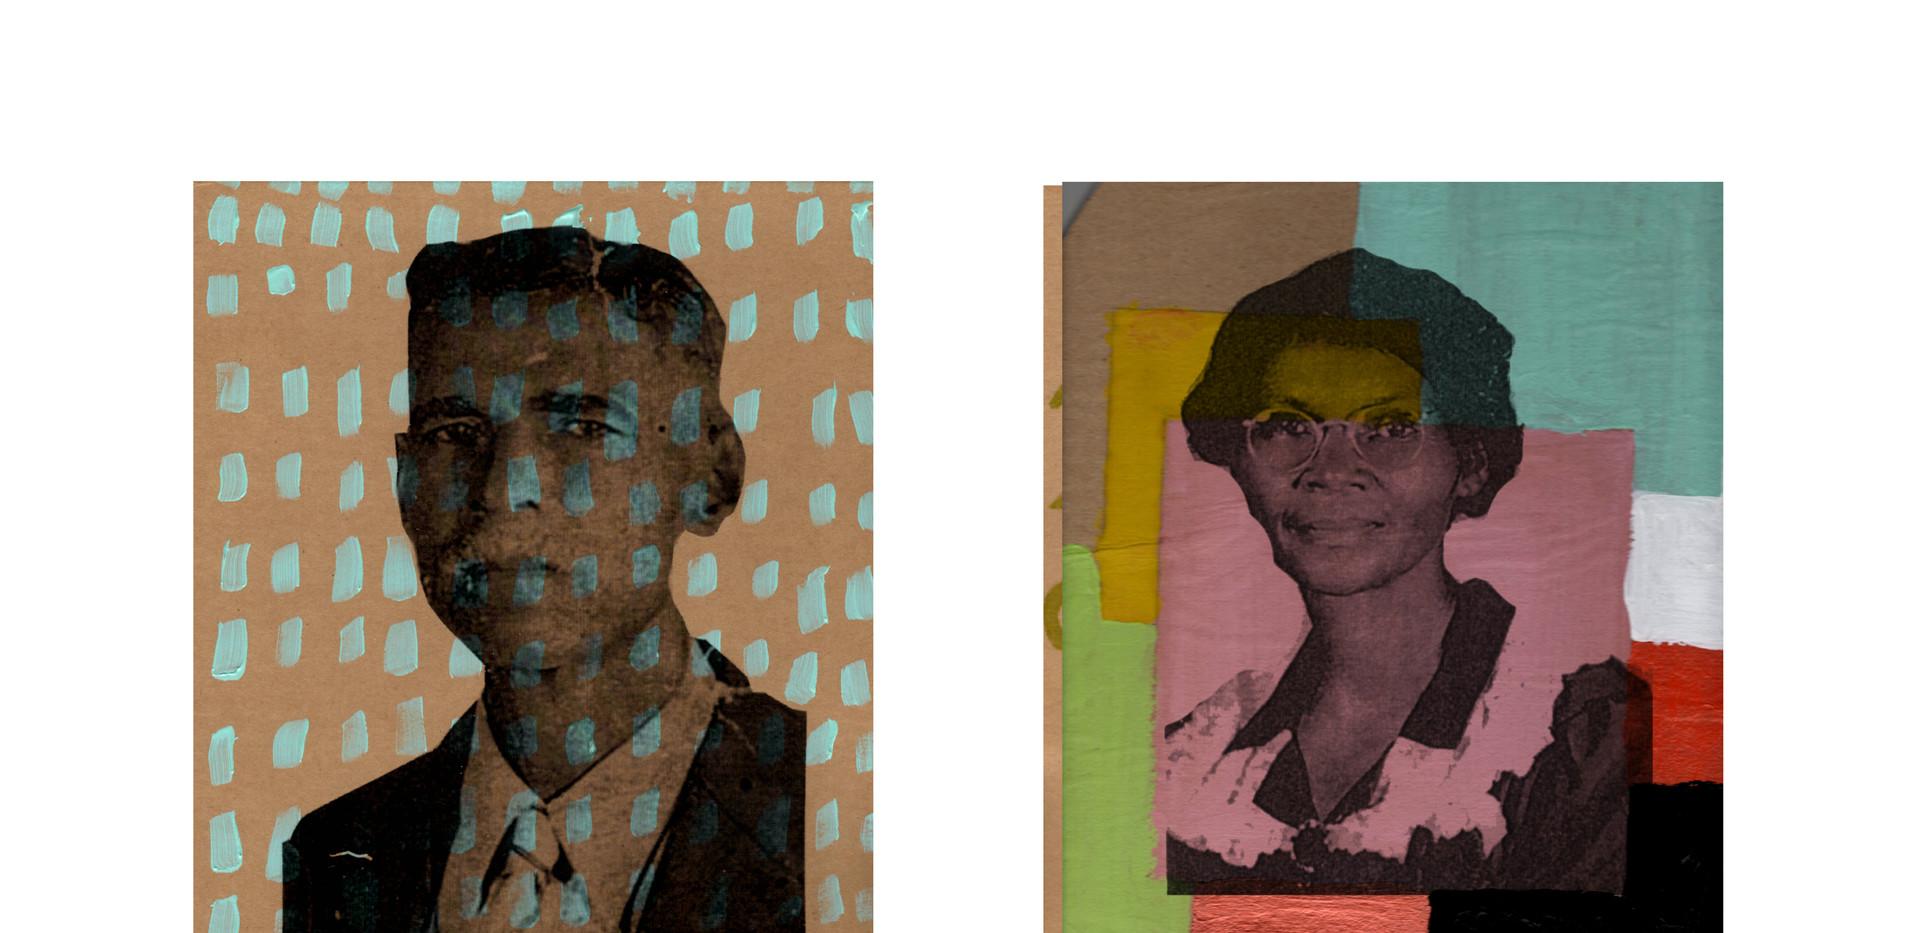 9. Pairings (Grant Harper and Malinda Wa